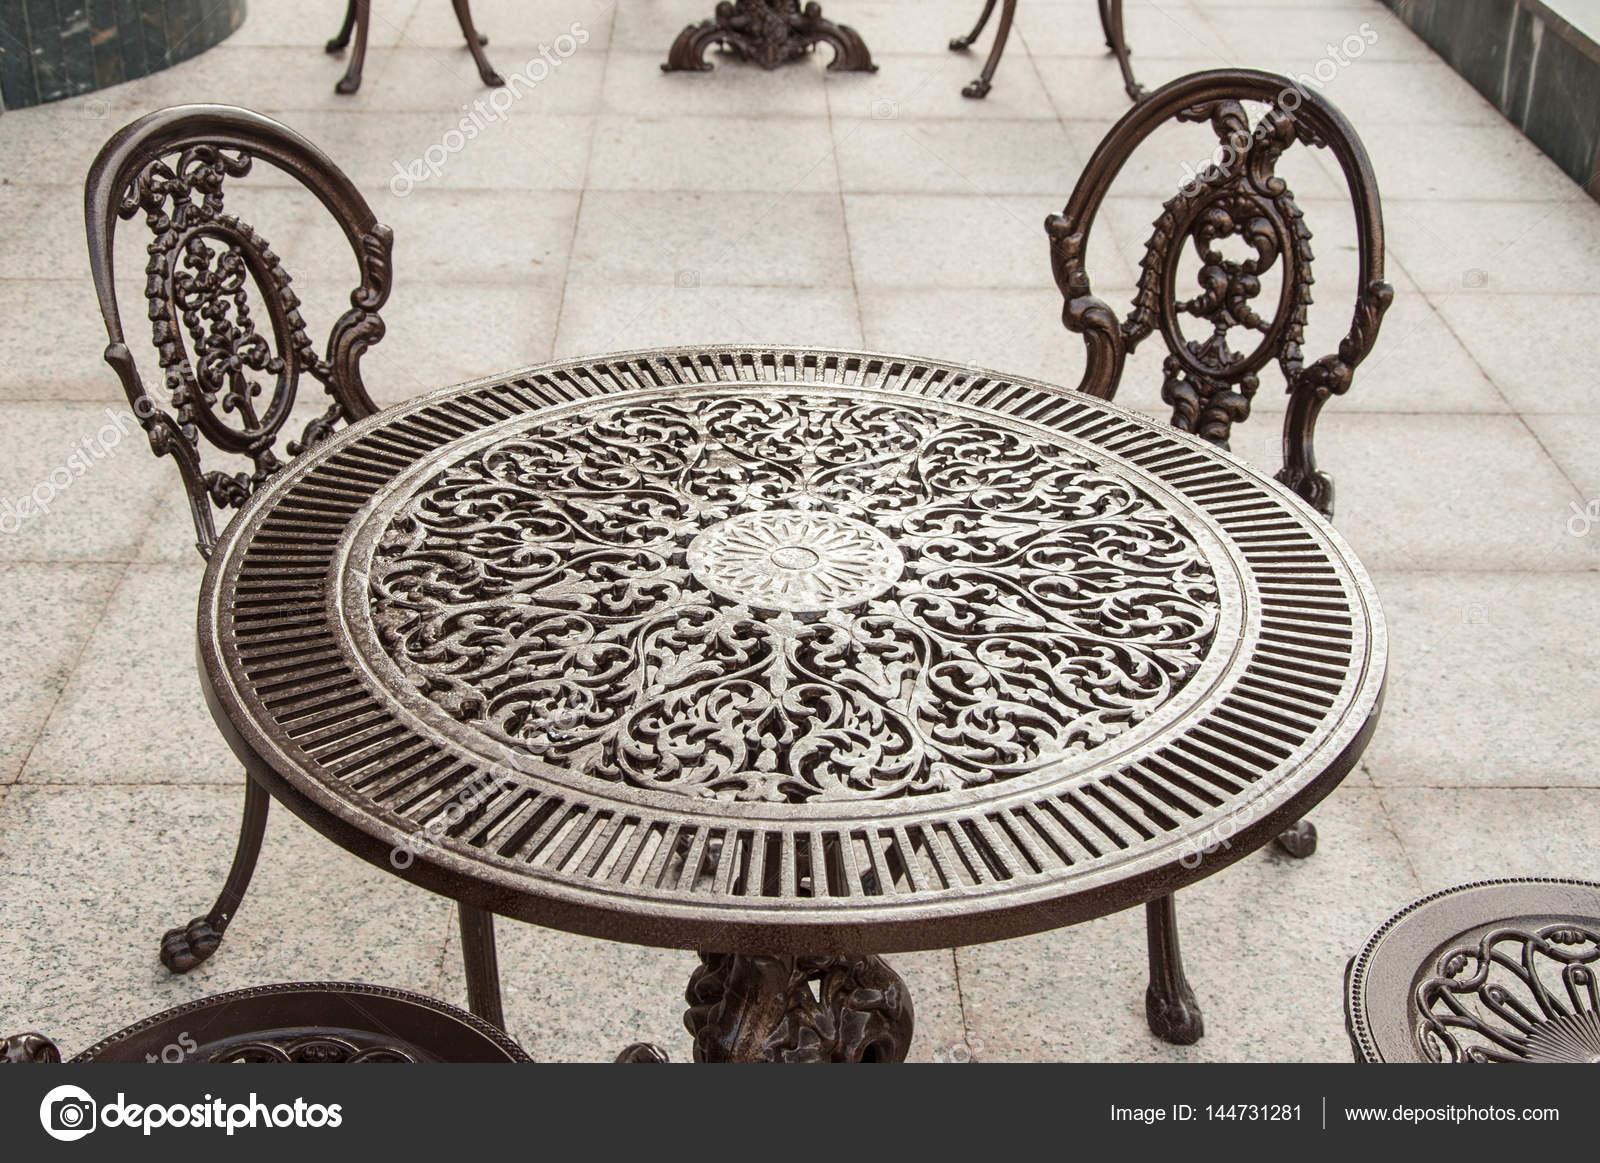 Sedie Da Giardino In Ghisa.Sedie E Tavolo Da Giardino In Ghisa Foto Stock C Katkov 144731281